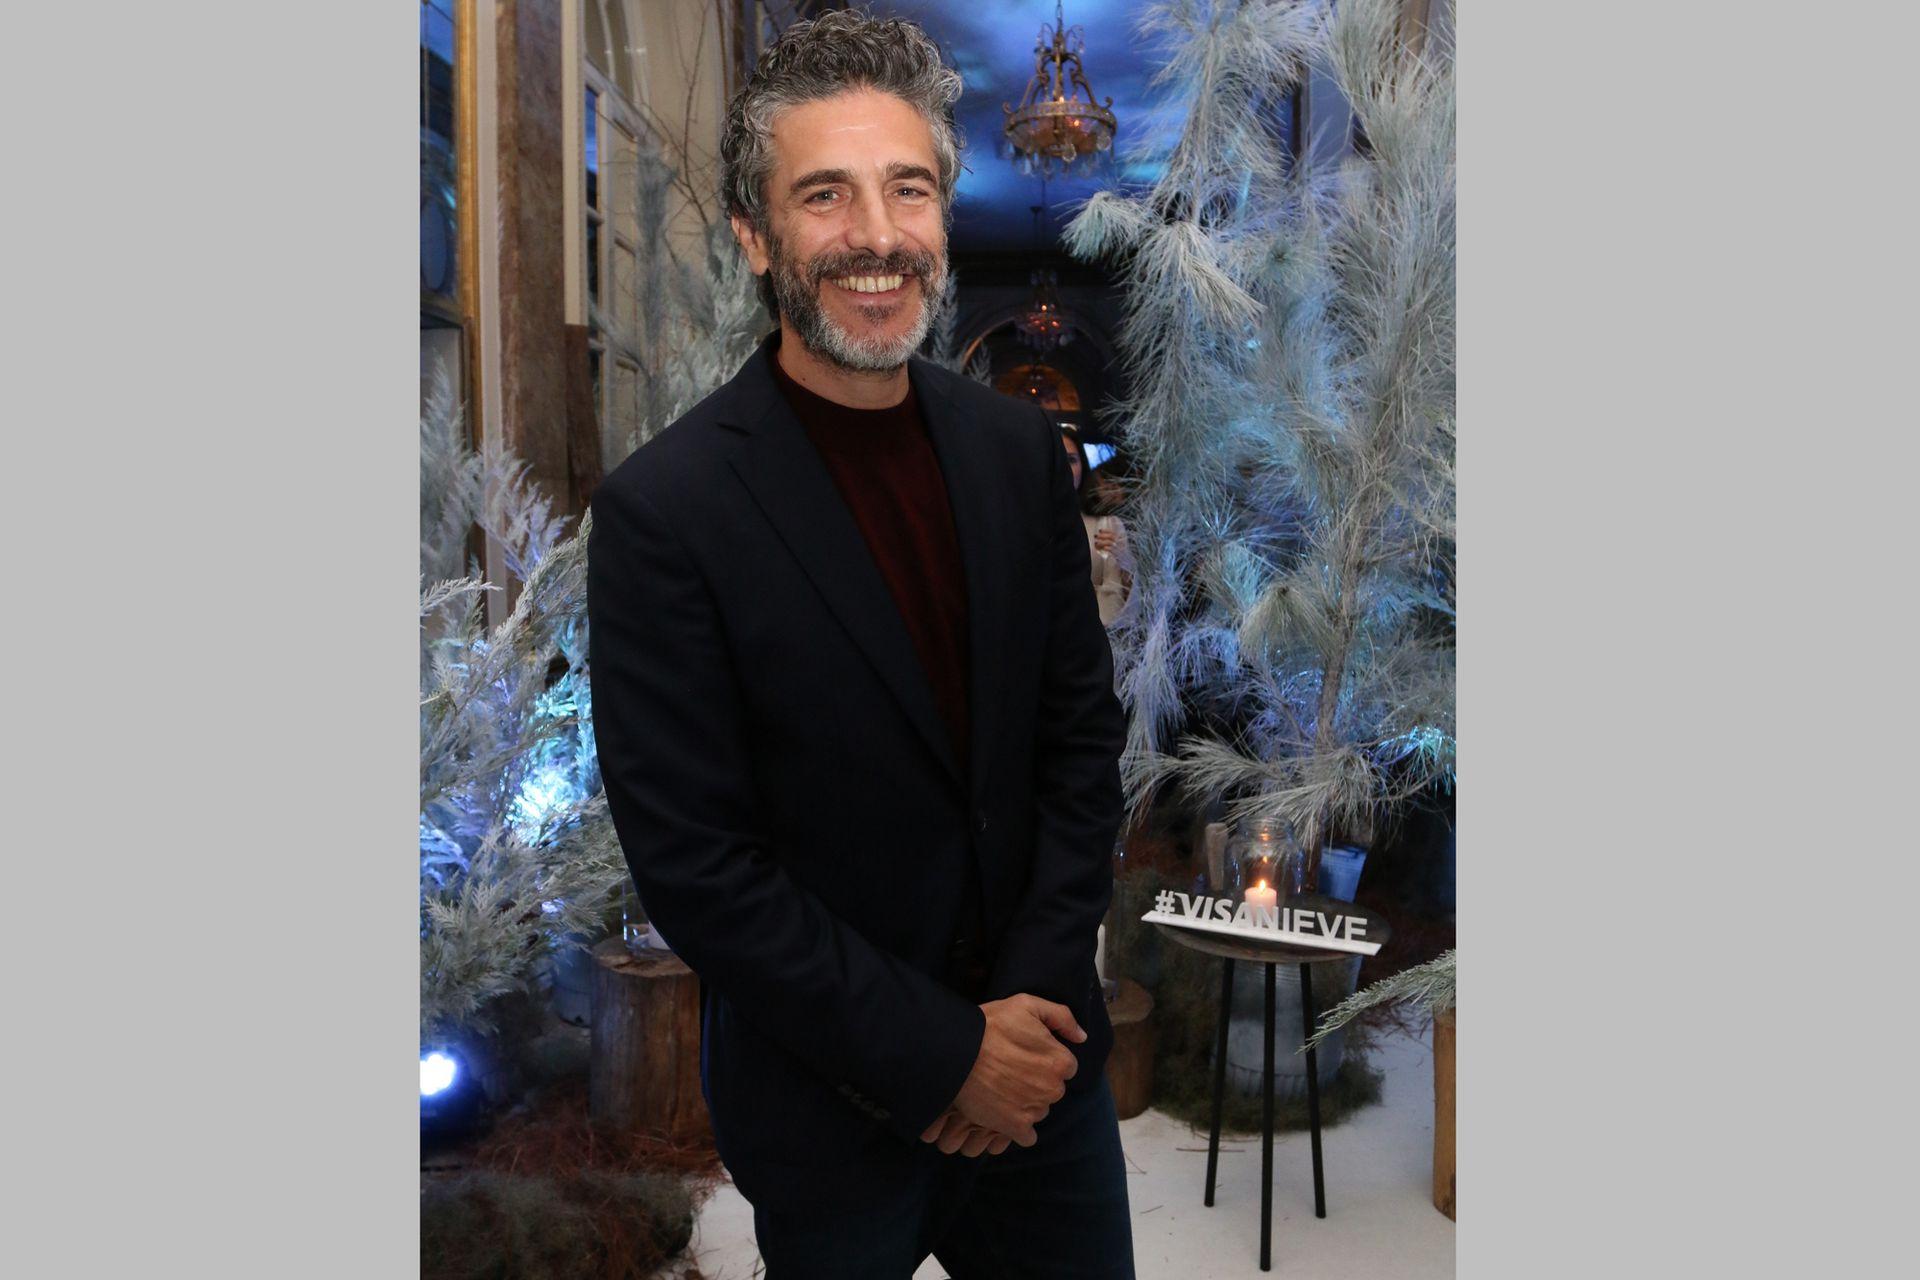 El protagonista de la más reciente película de Pedro Almodóvar, Leonardo Sbaraglia, se divirtió con la gélida propuesta